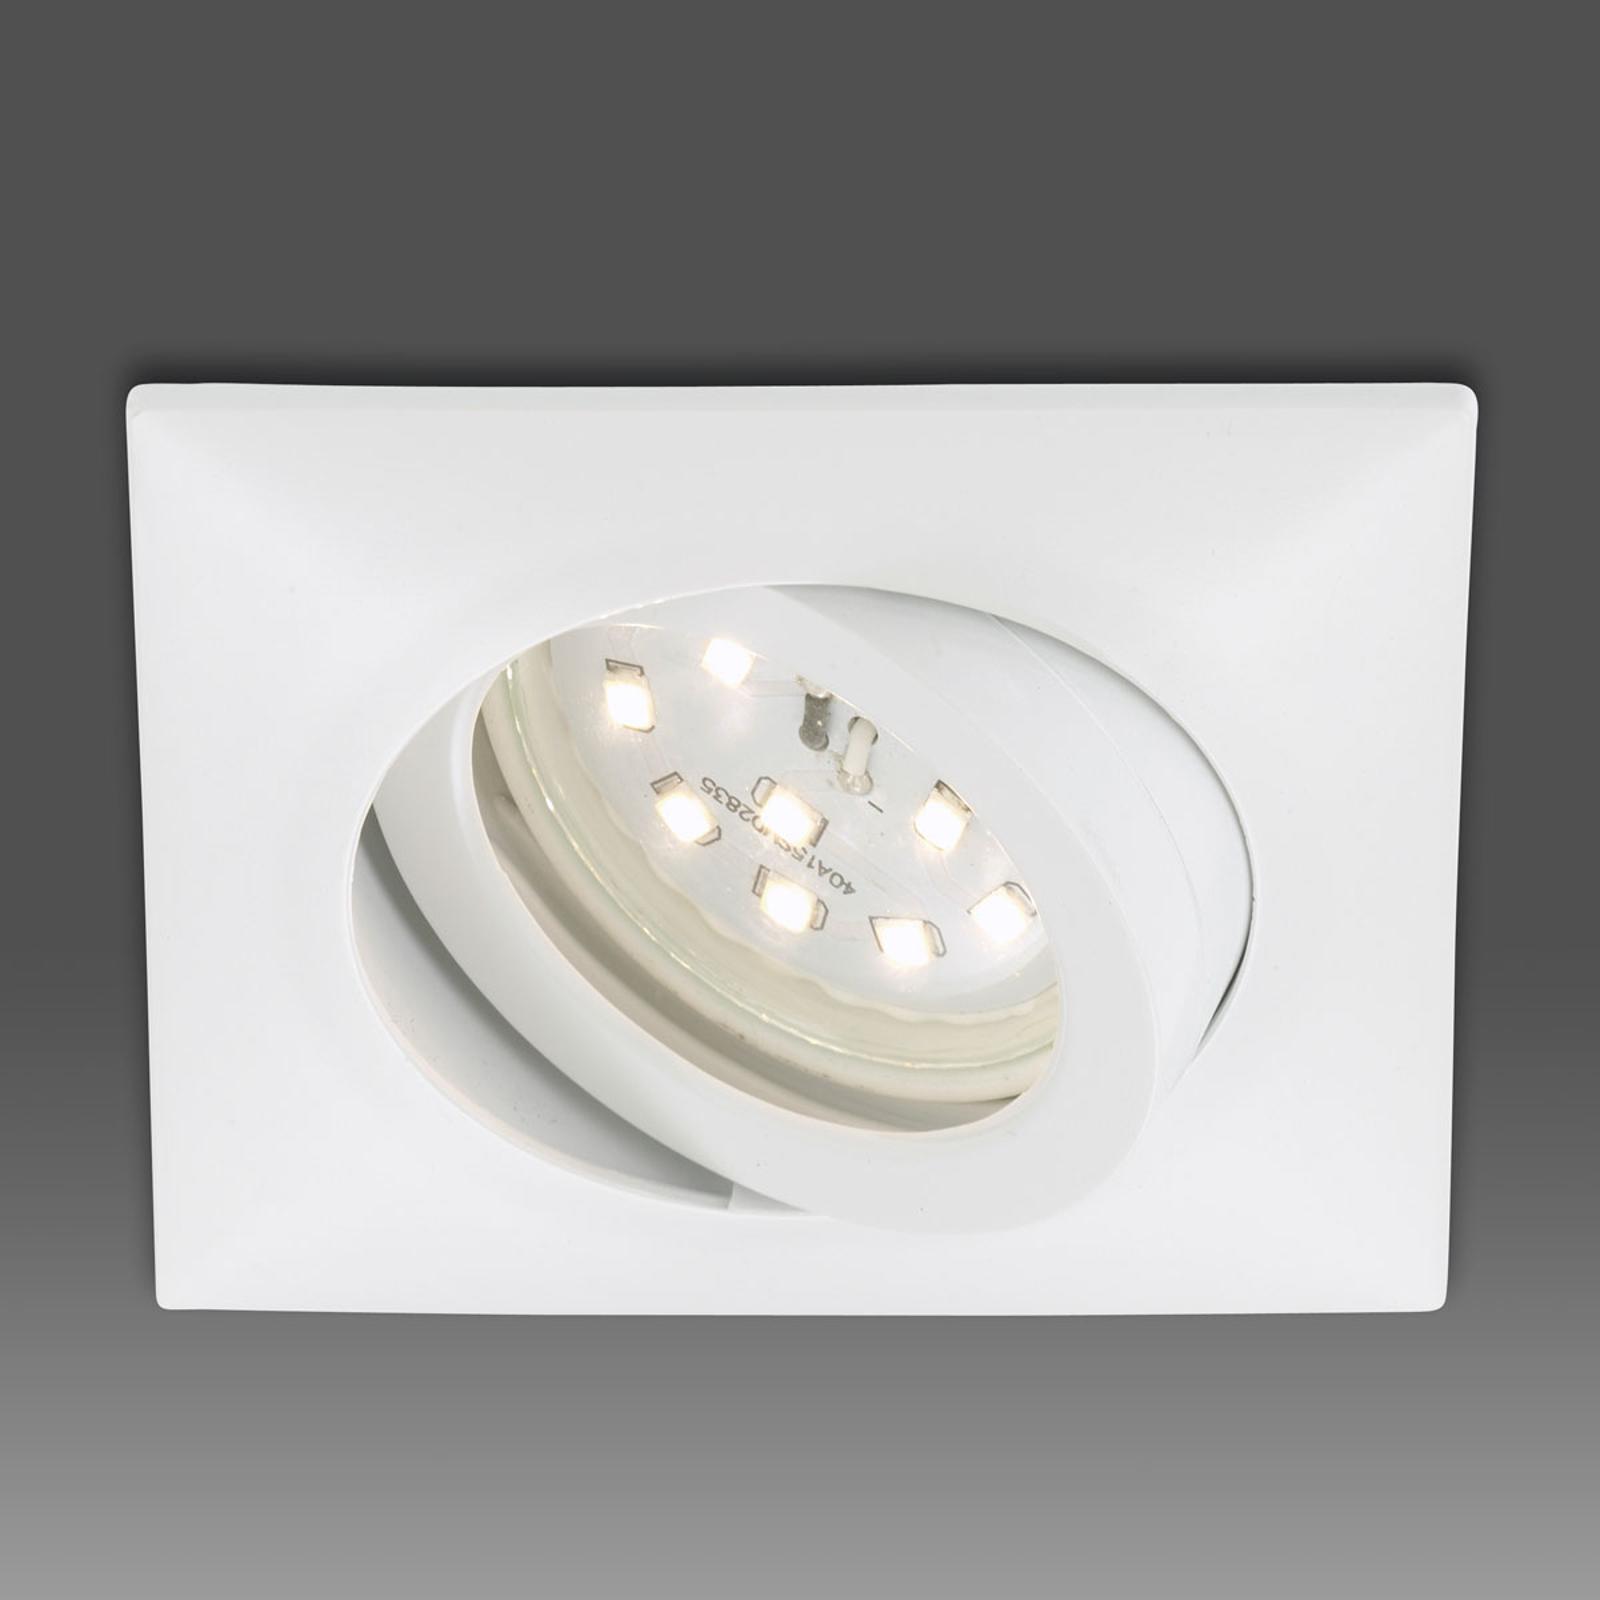 Erik LED-indbygningsspot, hvid, kantet